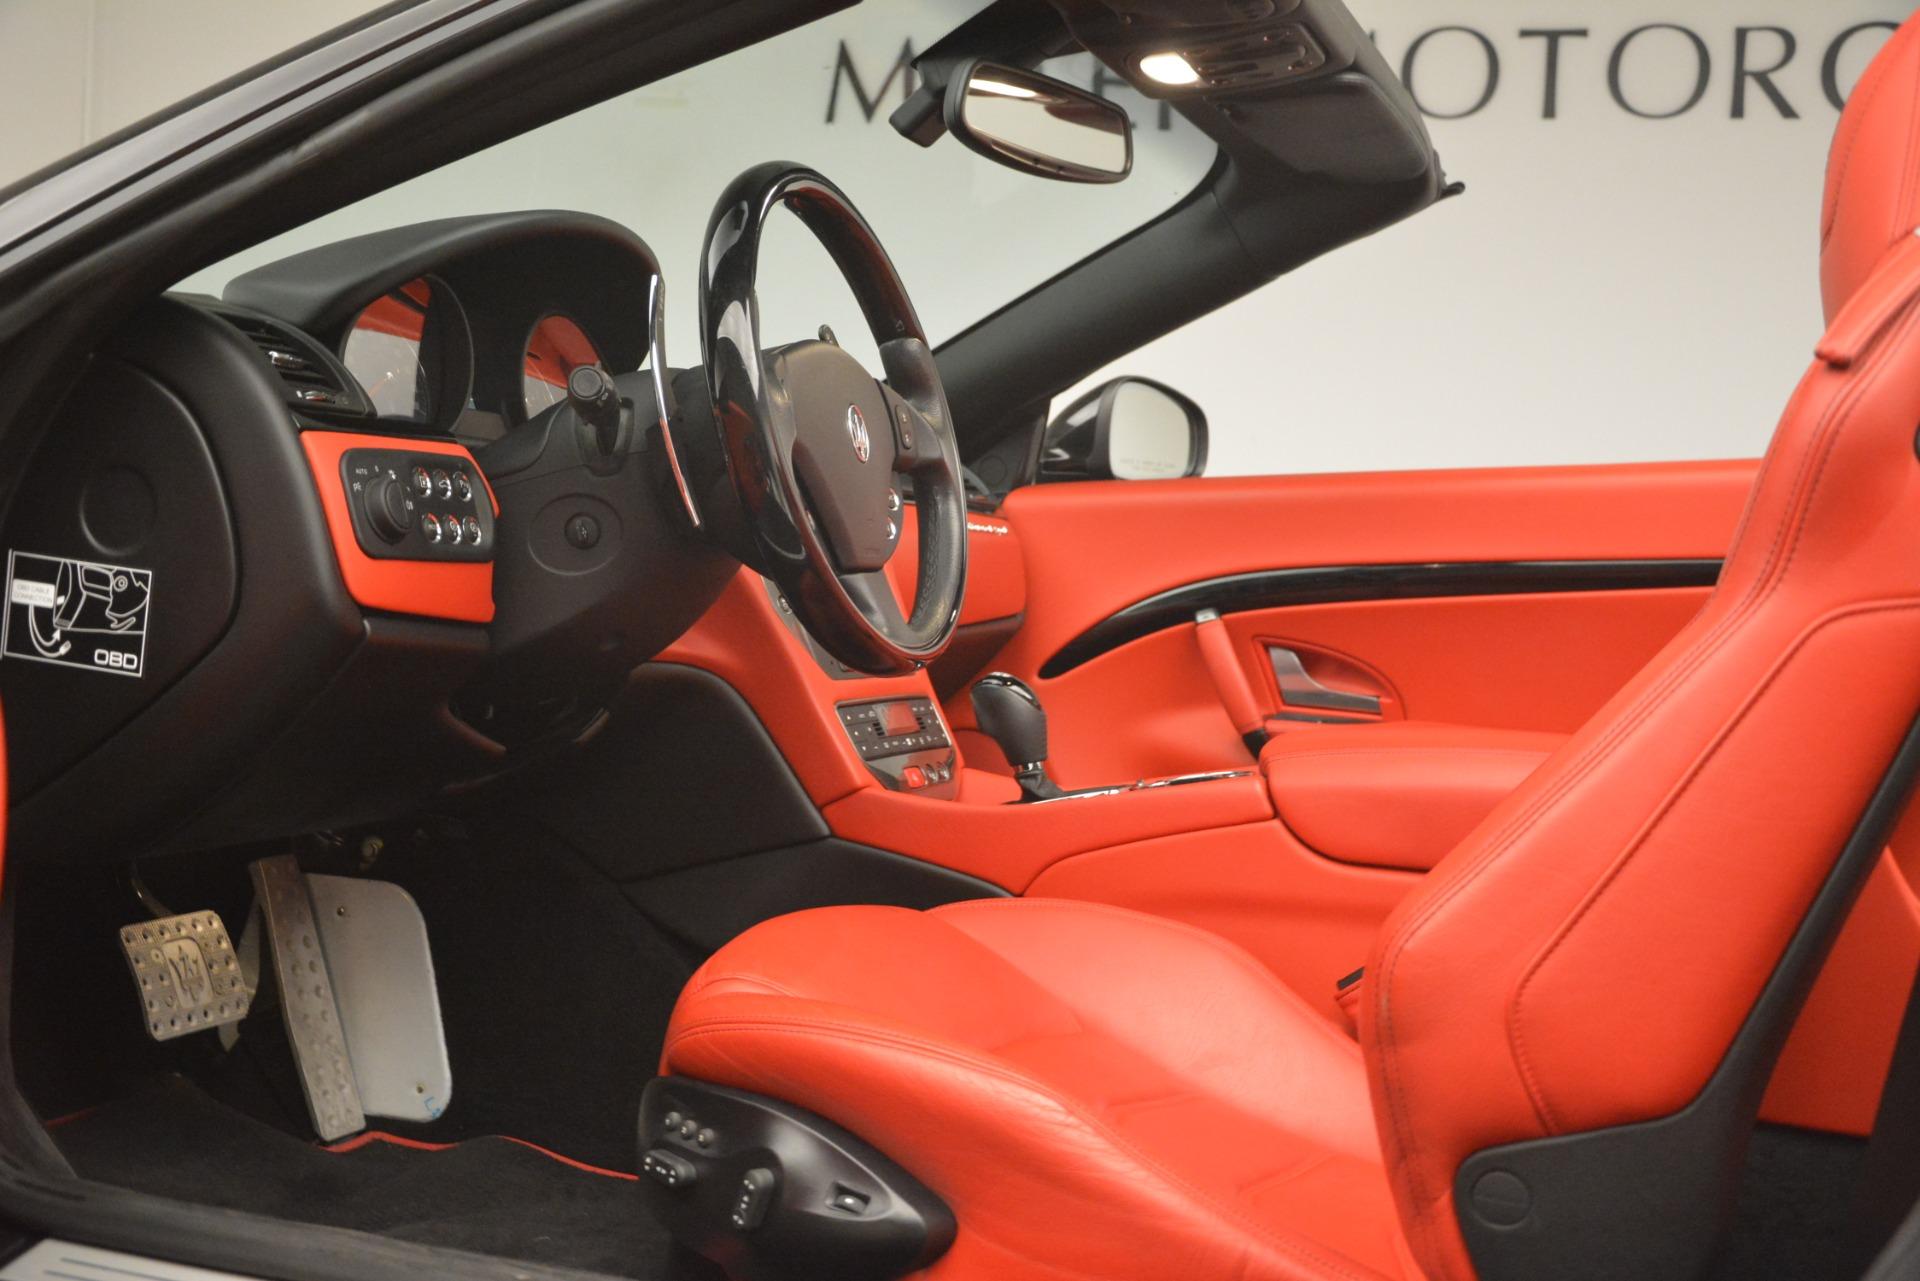 Used 2015 Maserati GranTurismo Sport For Sale In Greenwich, CT. Alfa Romeo of Greenwich, 7532 3085_p26